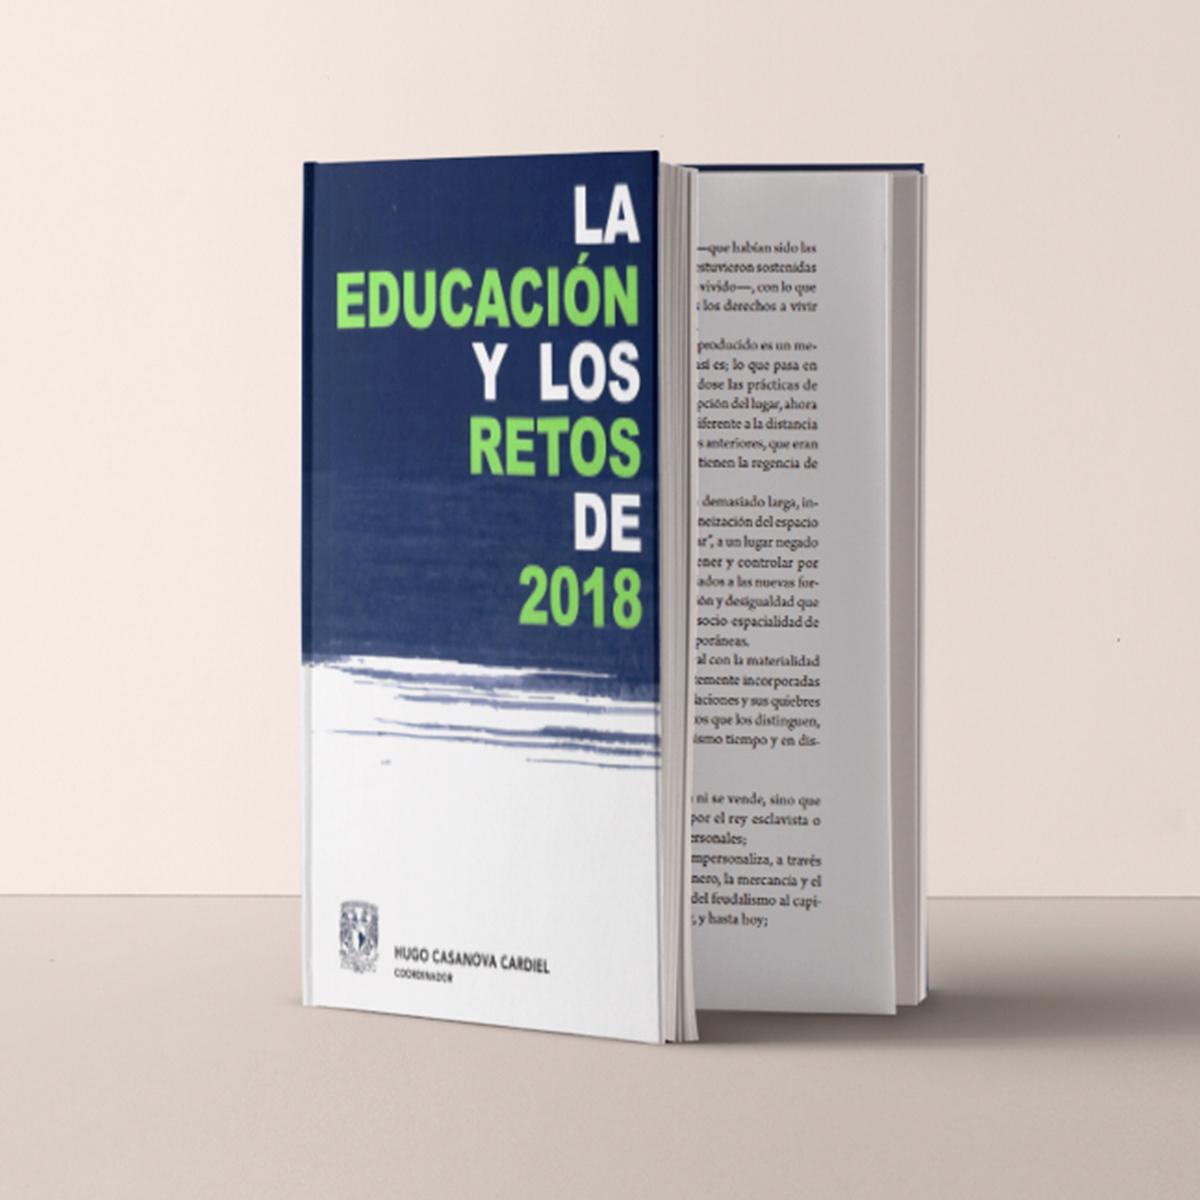 LA-EDUCACION-Y-LOS-RETOS-CUADRADO